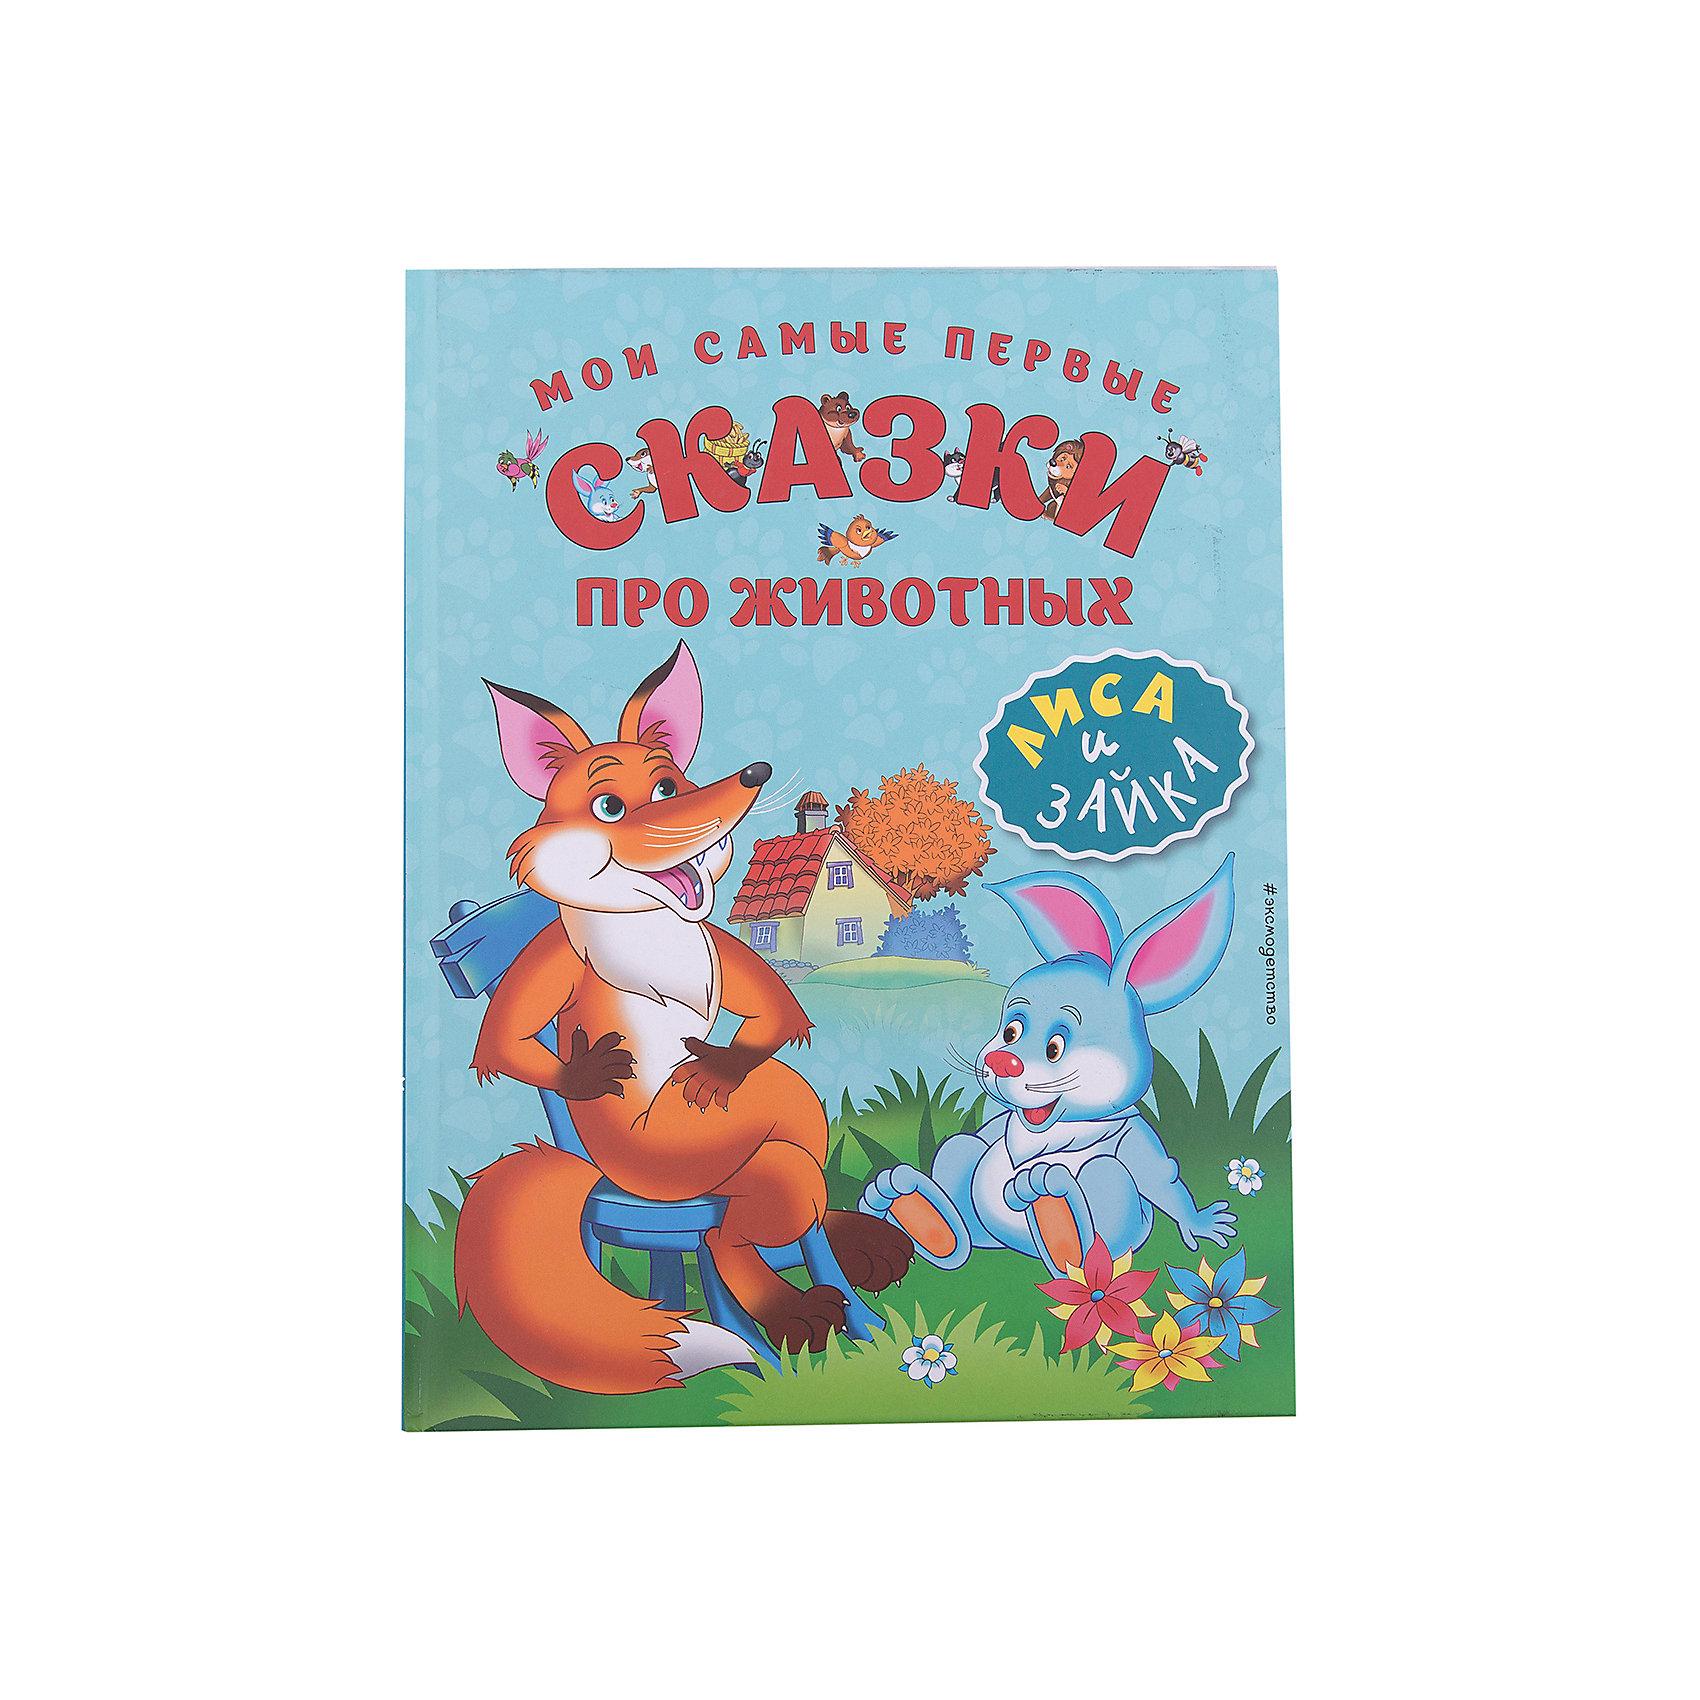 Мои самые первые сказки про животных: Лиса и зайкаСказки<br>Характеристики товара: <br><br>• ISBN: 9785699902040<br>• возраст от: 2 лет<br>• формат: 84x108/16<br>• бумага: офсет<br>• обложка: твердая<br>• иллюстрации: цветные, черно-белые<br>• серия: Золотые сказки для детей<br>• издательство: Эксмо<br>• художник: Панков Игорь<br>• количество страниц: 56<br>• размеры: 26x20 см<br><br>Это издание - для чтения самым маленьким. В книге «Мои самые первые сказки про животных. Лиса и зайка» рассказывается увлекательная история, учащая добру и заставляющая задуматься. <br><br>Отличное качество издания, красочные иллюстрации известного художника - всё это поможет проникнуться атмосферой волшебства.<br><br>Книгу «Мои самые первые сказки про животных. Лиса и зайка» можно купить в нашем интернет-магазине.<br><br>Ширина мм: 255<br>Глубина мм: 197<br>Высота мм: 10<br>Вес г: 387<br>Возраст от месяцев: 24<br>Возраст до месяцев: 2147483647<br>Пол: Унисекс<br>Возраст: Детский<br>SKU: 5535391